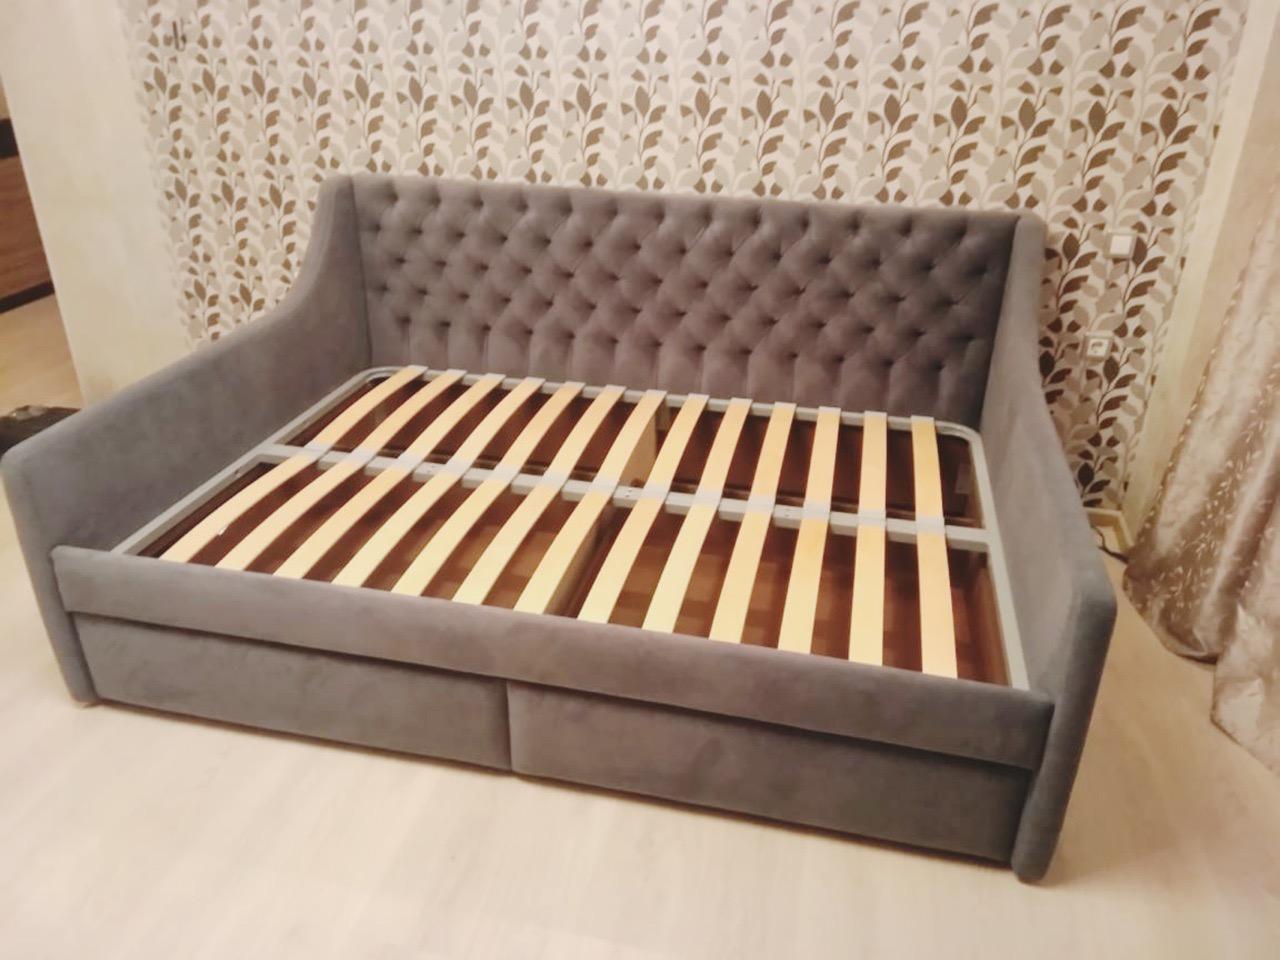 Диван - кровать со спальным местом 1200*1900 мм готова и установлена✔ ▫Ткань Chistetika Santorini 11 ▫2 выкатных ящика для белья также в ткани #кровать #кровативоронеж #кроватимосква #кроватидетские #мебельвворонеже #дизайнинтерьеровмосква #дизайнинтерьераворонеж